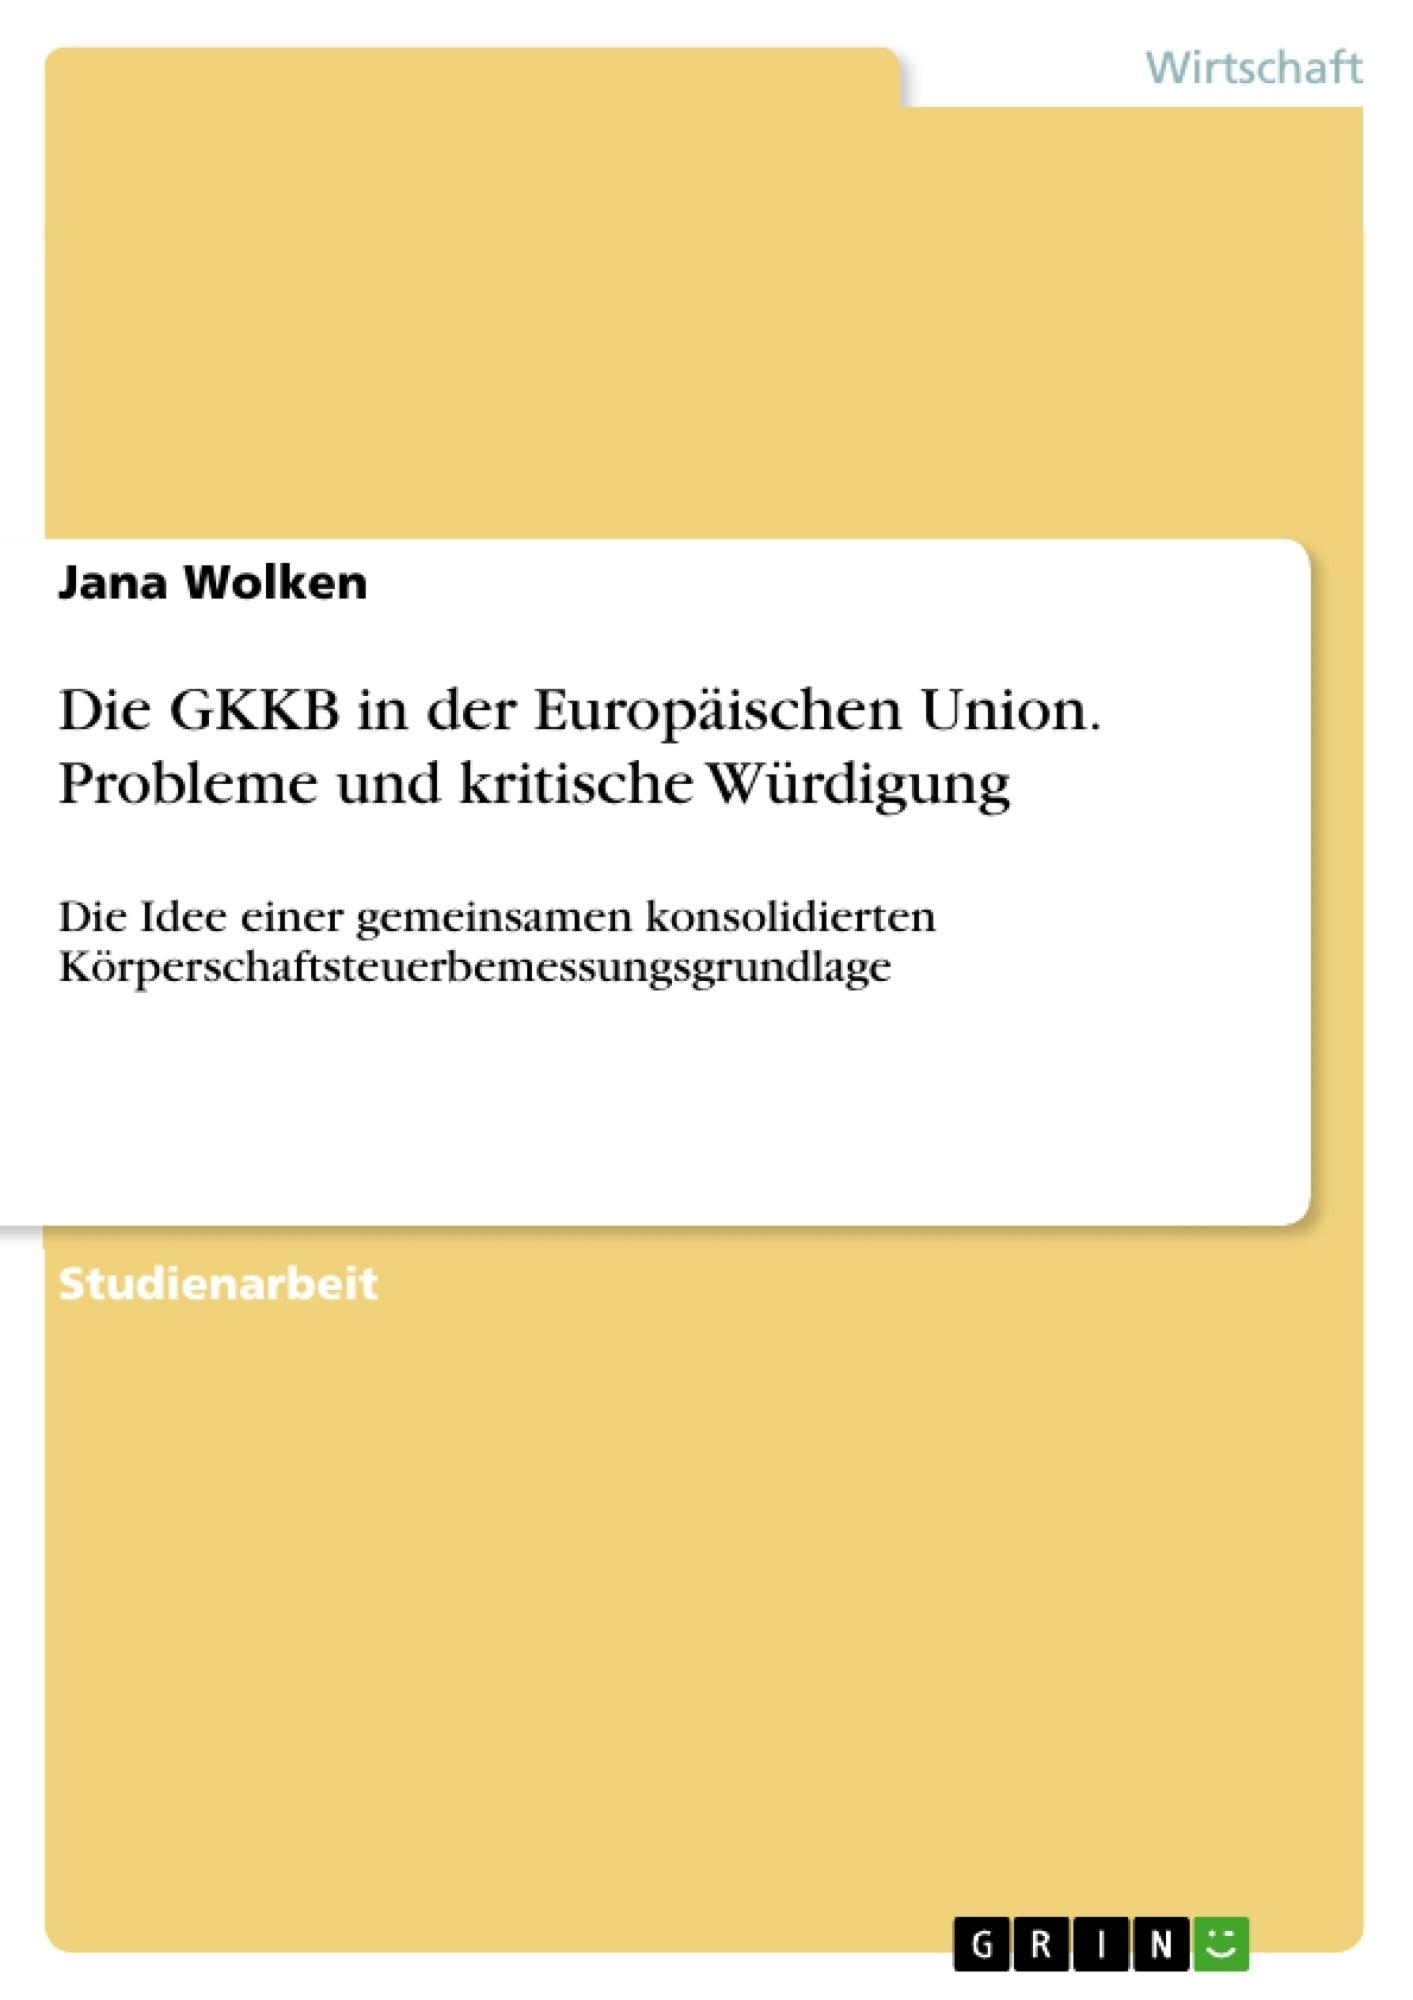 Titel: Die GKKB in der Europäischen Union. Probleme und kritische Würdigung